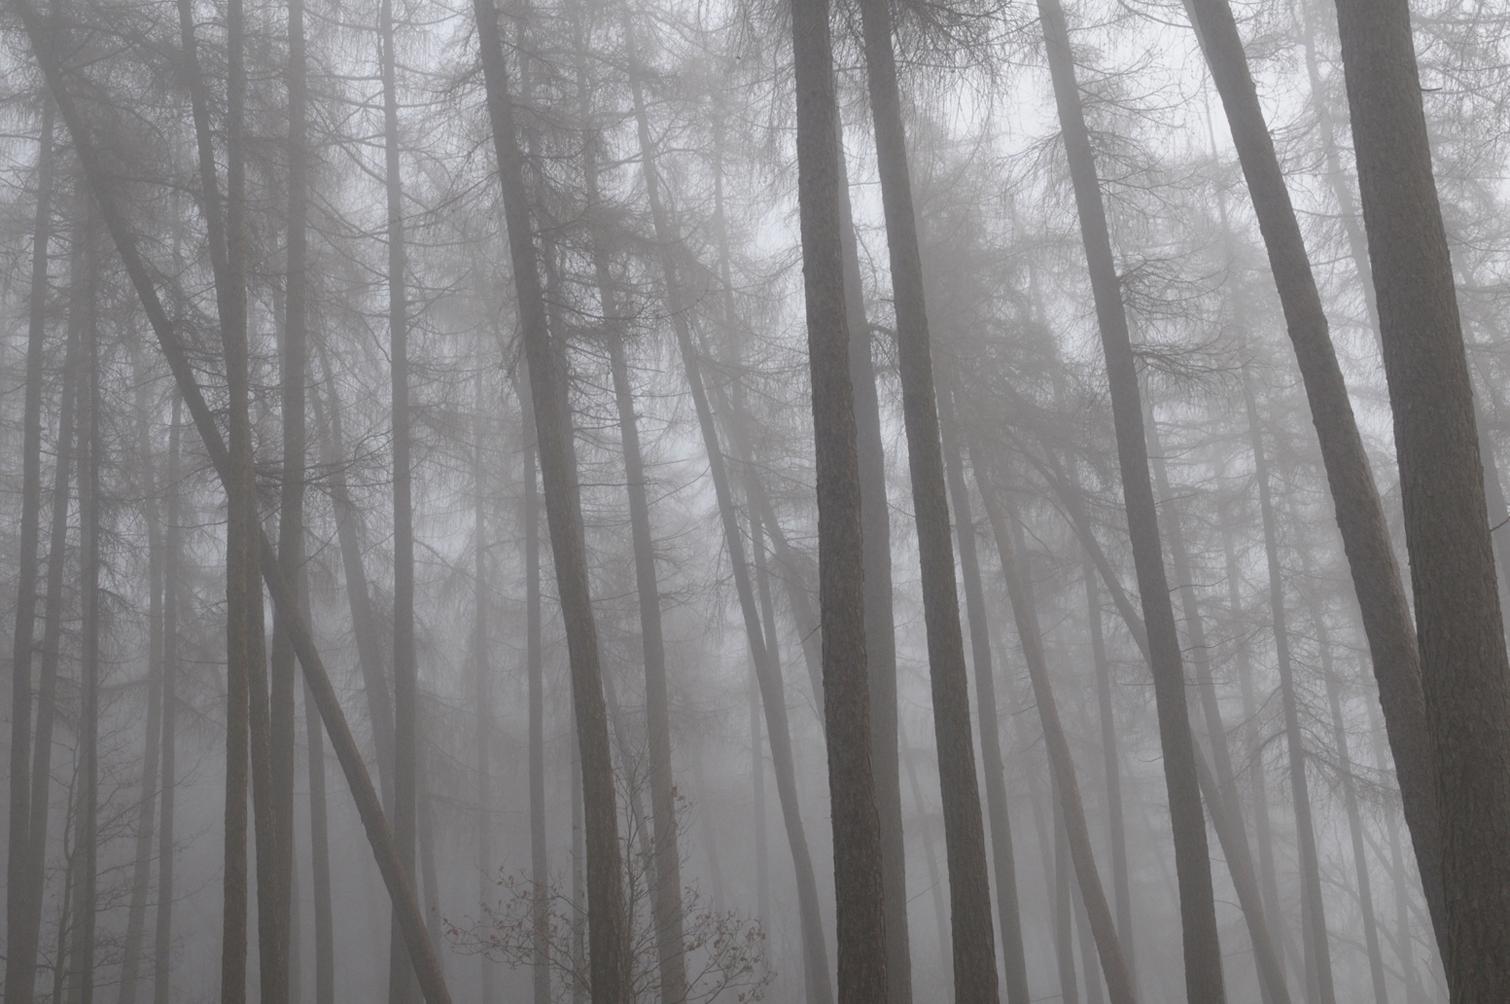 Redgrove_2Fog_Trees.jpg